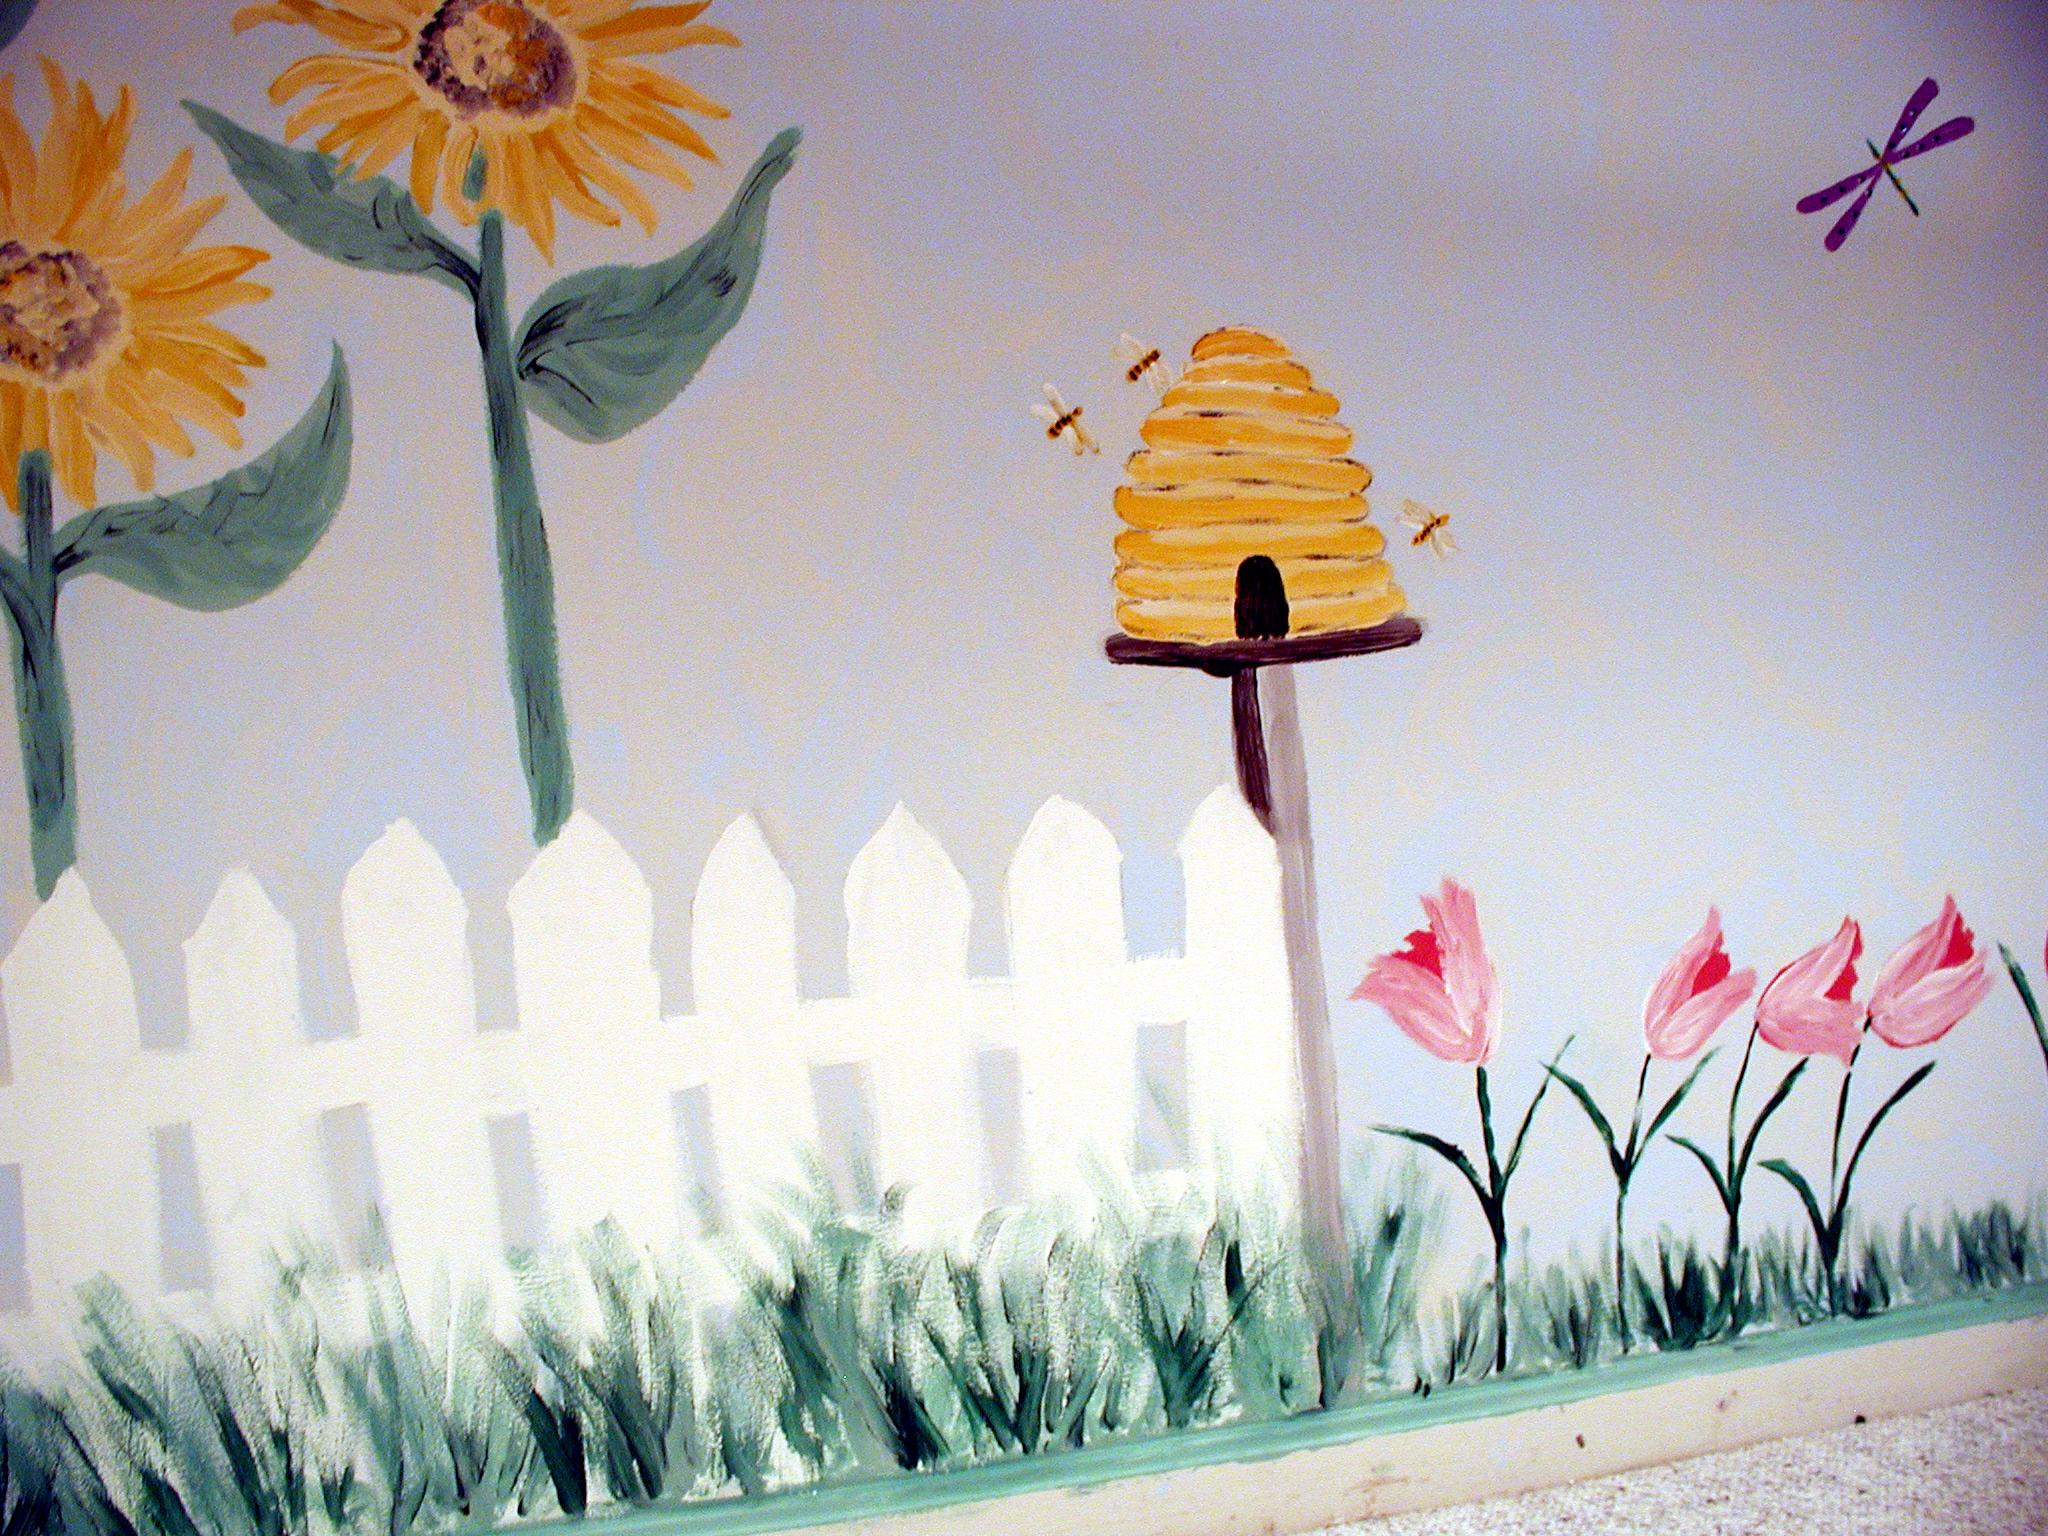 beehive picket flowers.jpg